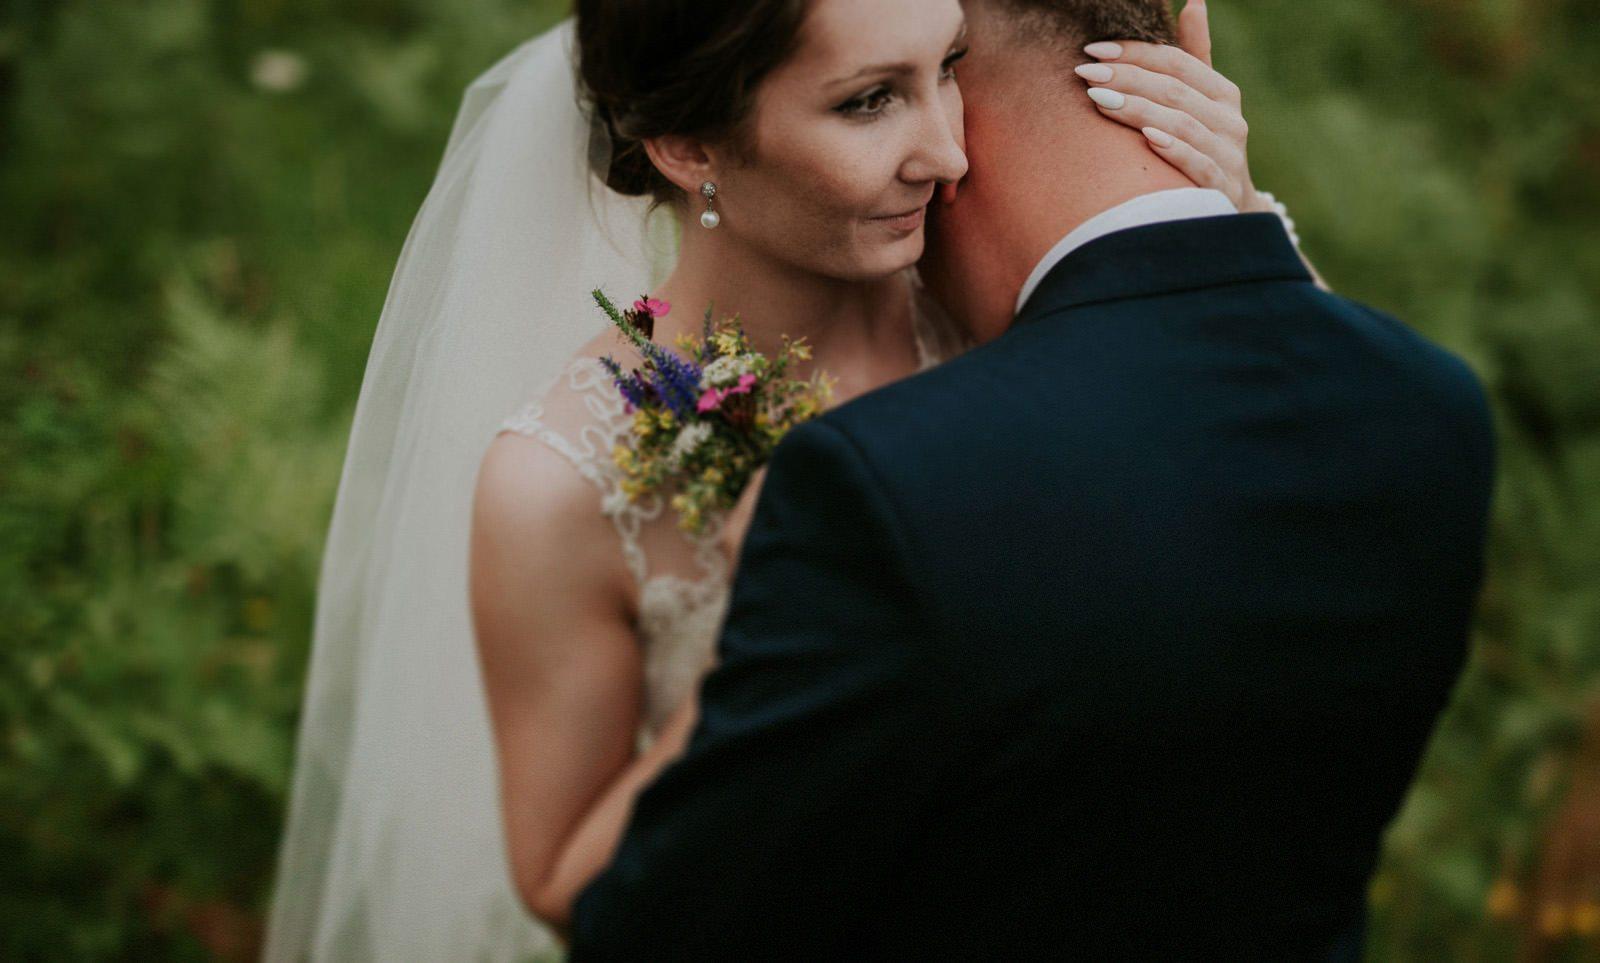 fotograf ślubny kielce, fotografa ślubna kielce, fotograf kielce, plener ślubny